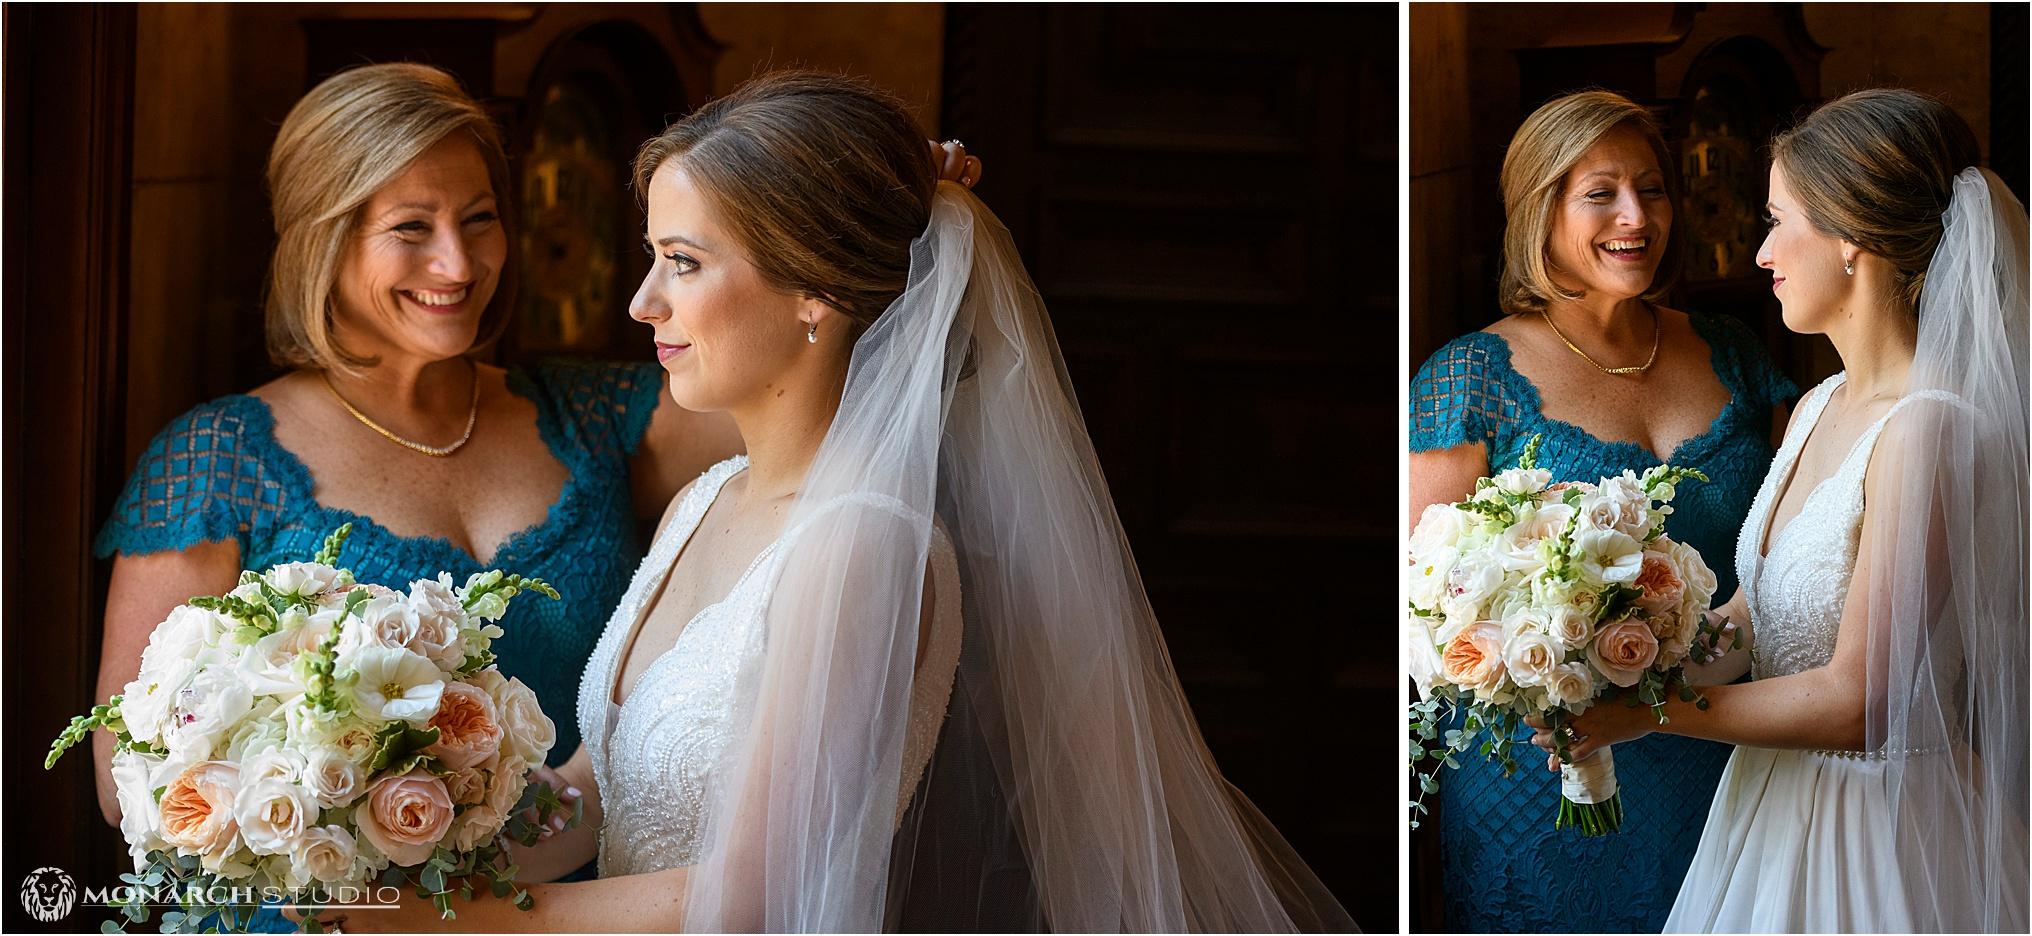 Wedding-PHotographer-in-st-augustine-2019-015.jpg